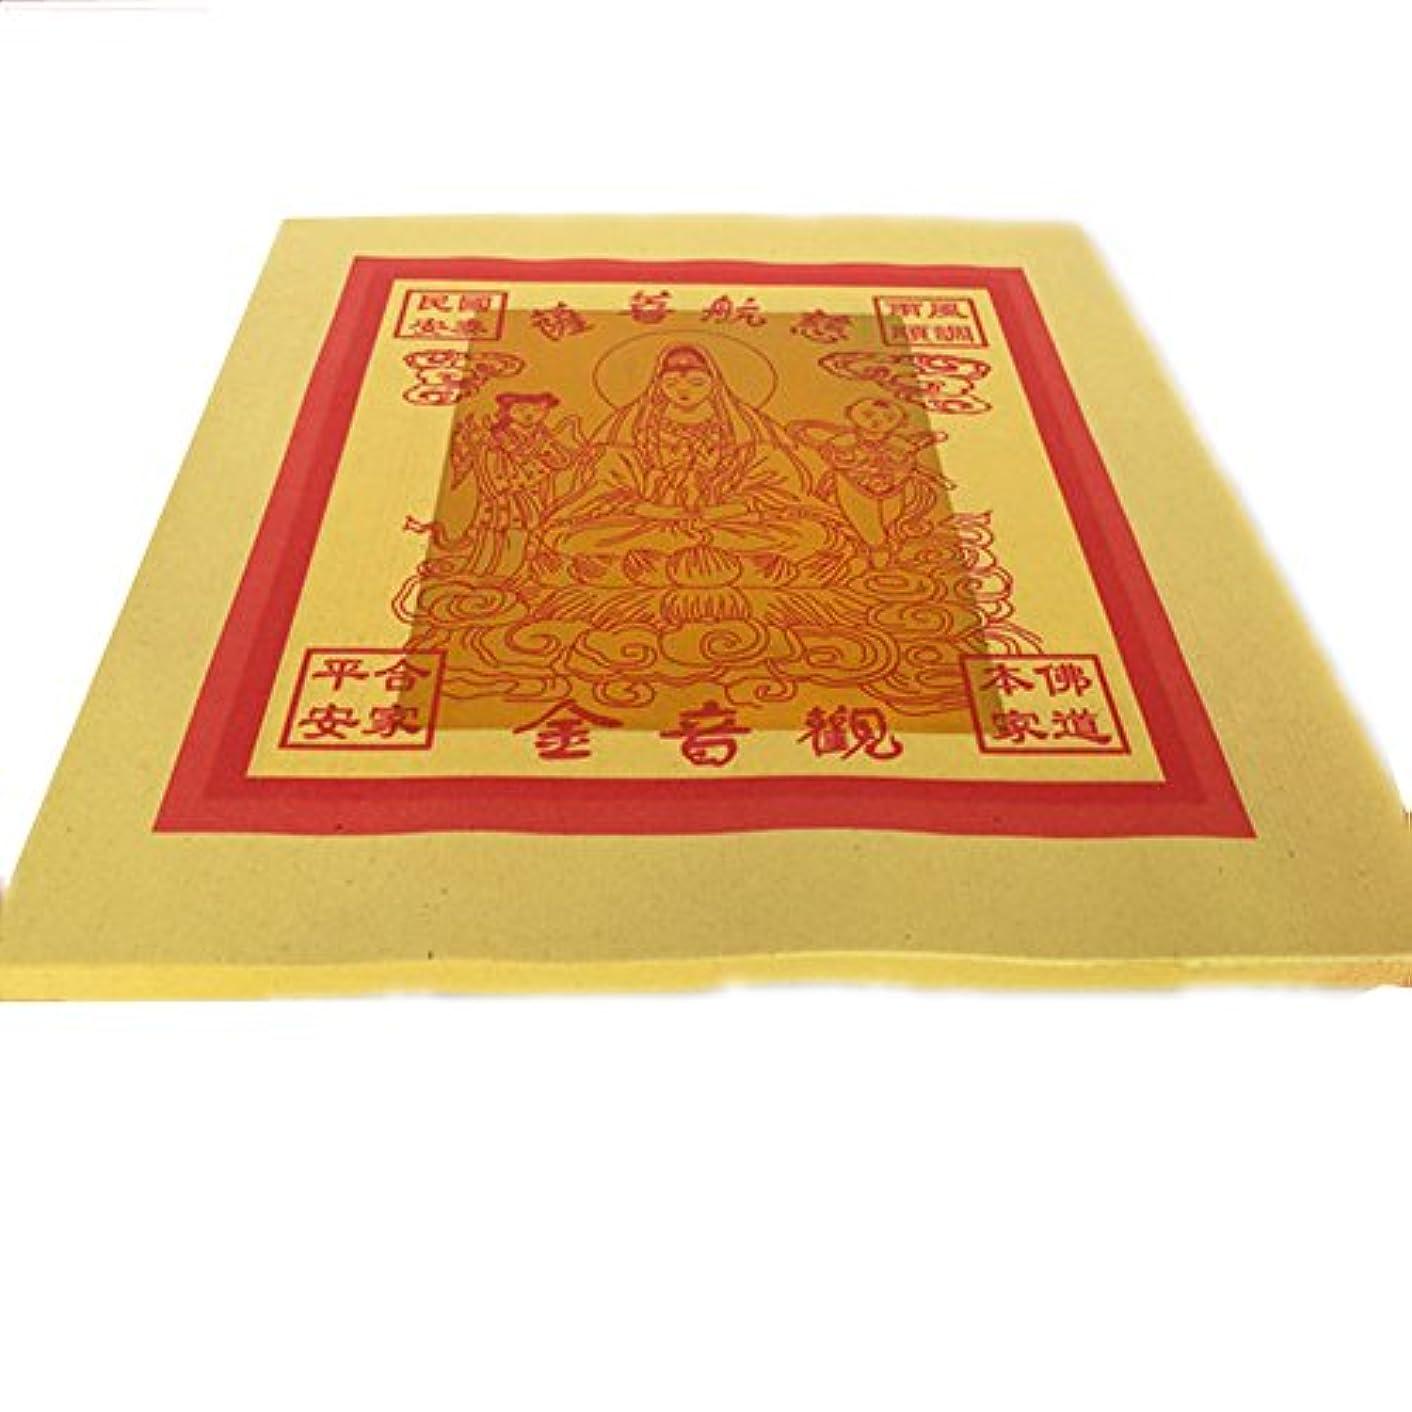 軍団音楽を聴くできるzeestar Chinese Joss用紙祖先 – ゴールド箔 – Guanyinゴールド – 大きいサイズ12